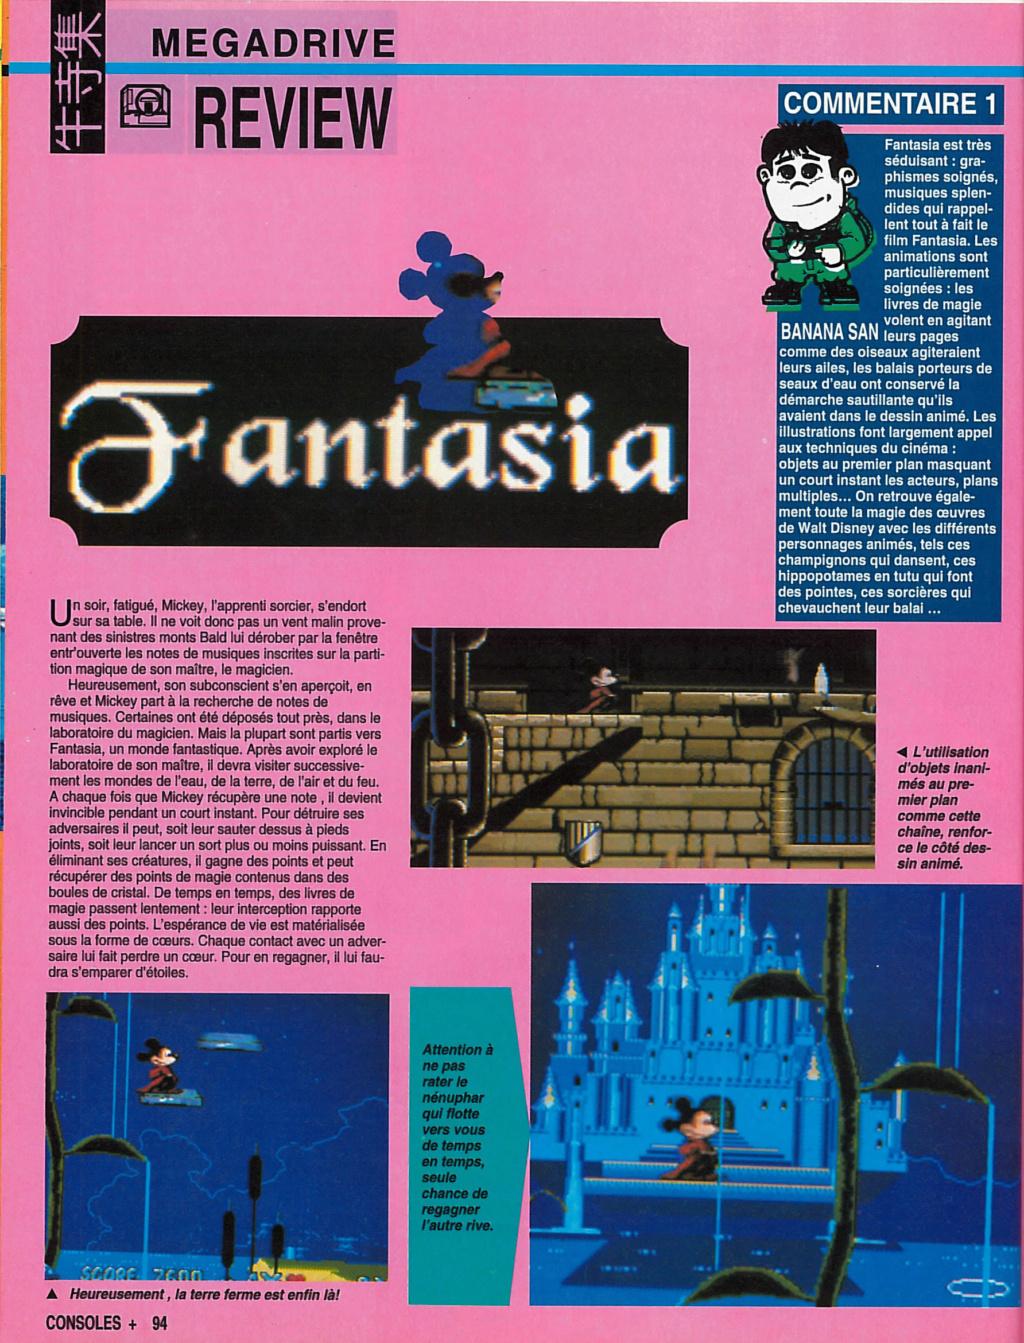 Le meilleur jeu Disney de l'ère 16 bits - Page 12 Consol11